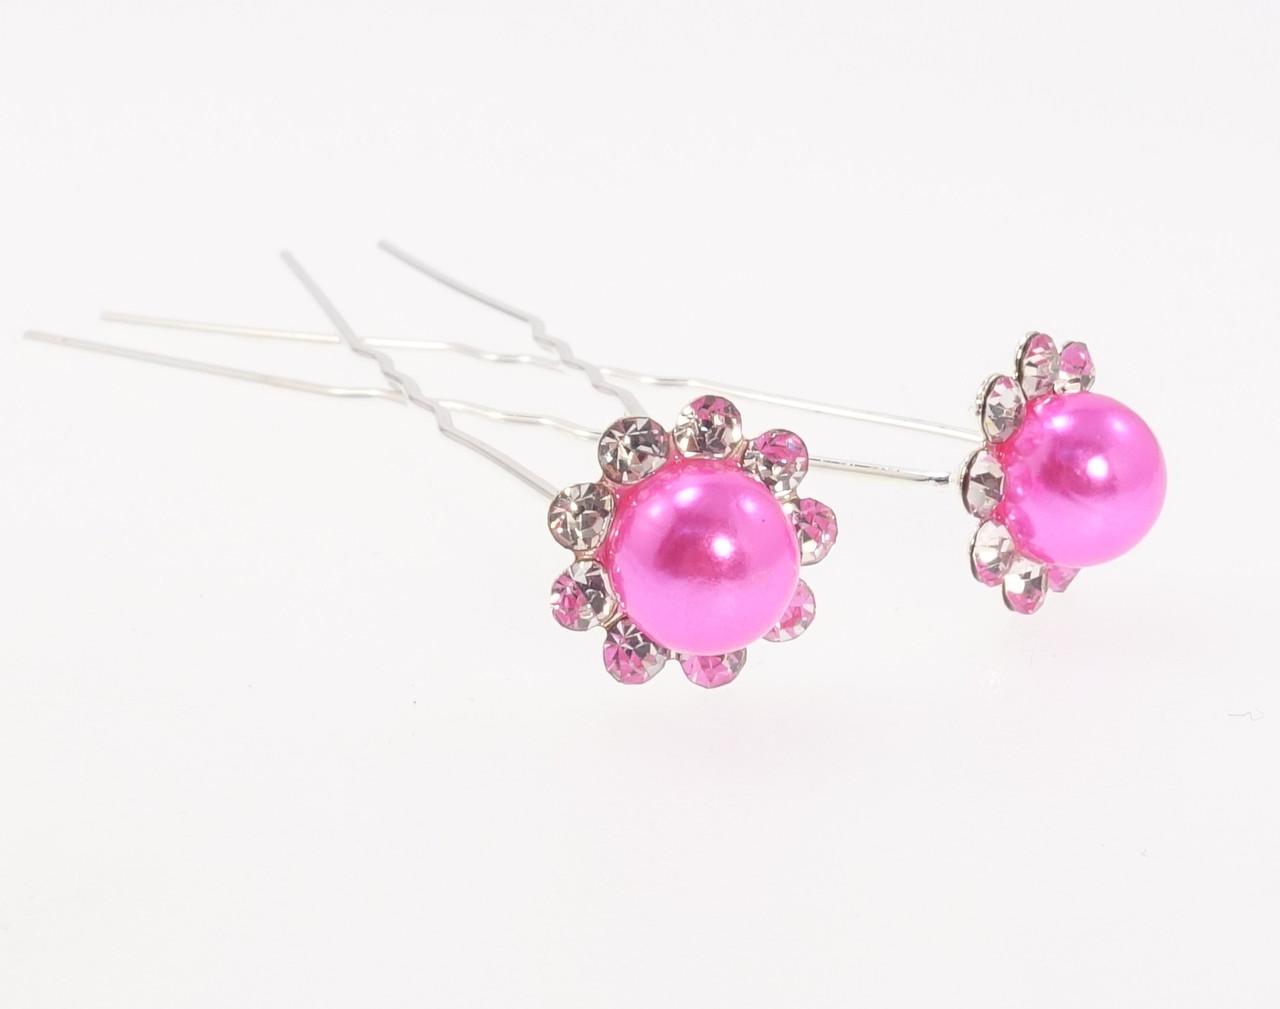 """Шпилька для волос """"Ярко-розовый цветок в обрамлении страз"""" ø 13мм (цена за одну штуку)"""